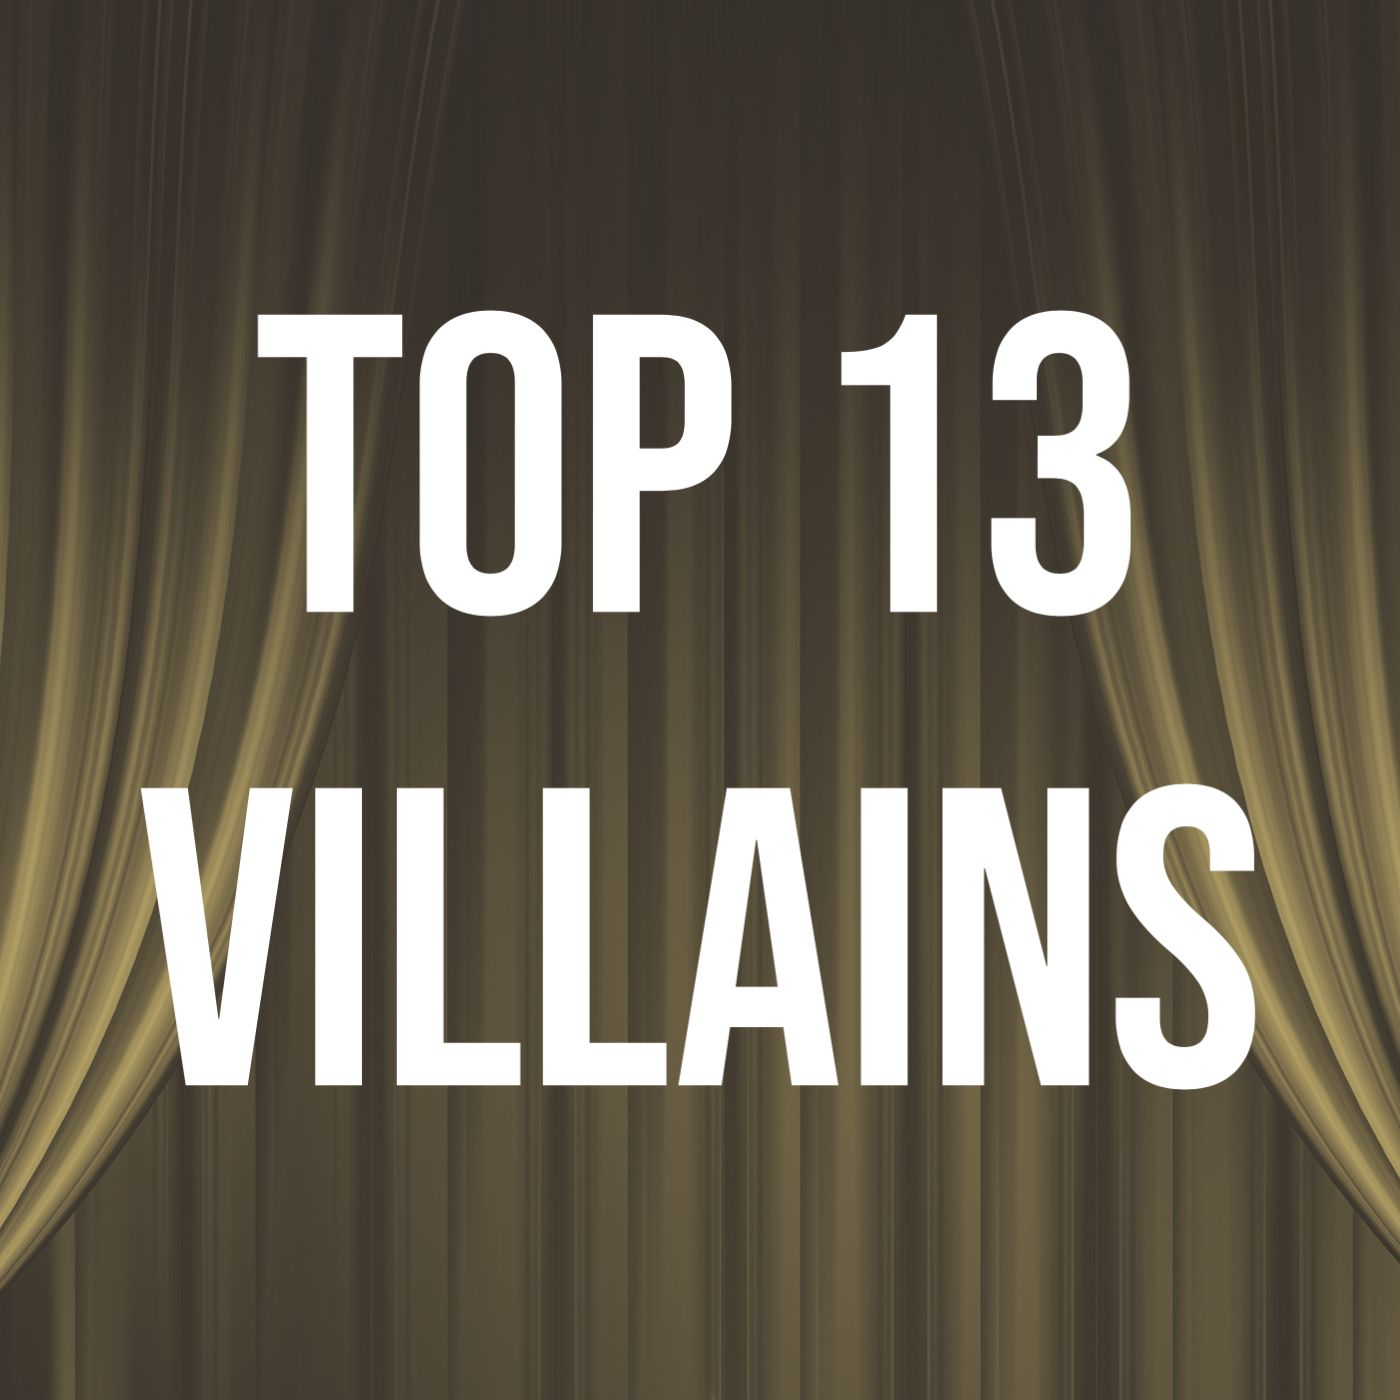 Top 13 Villains